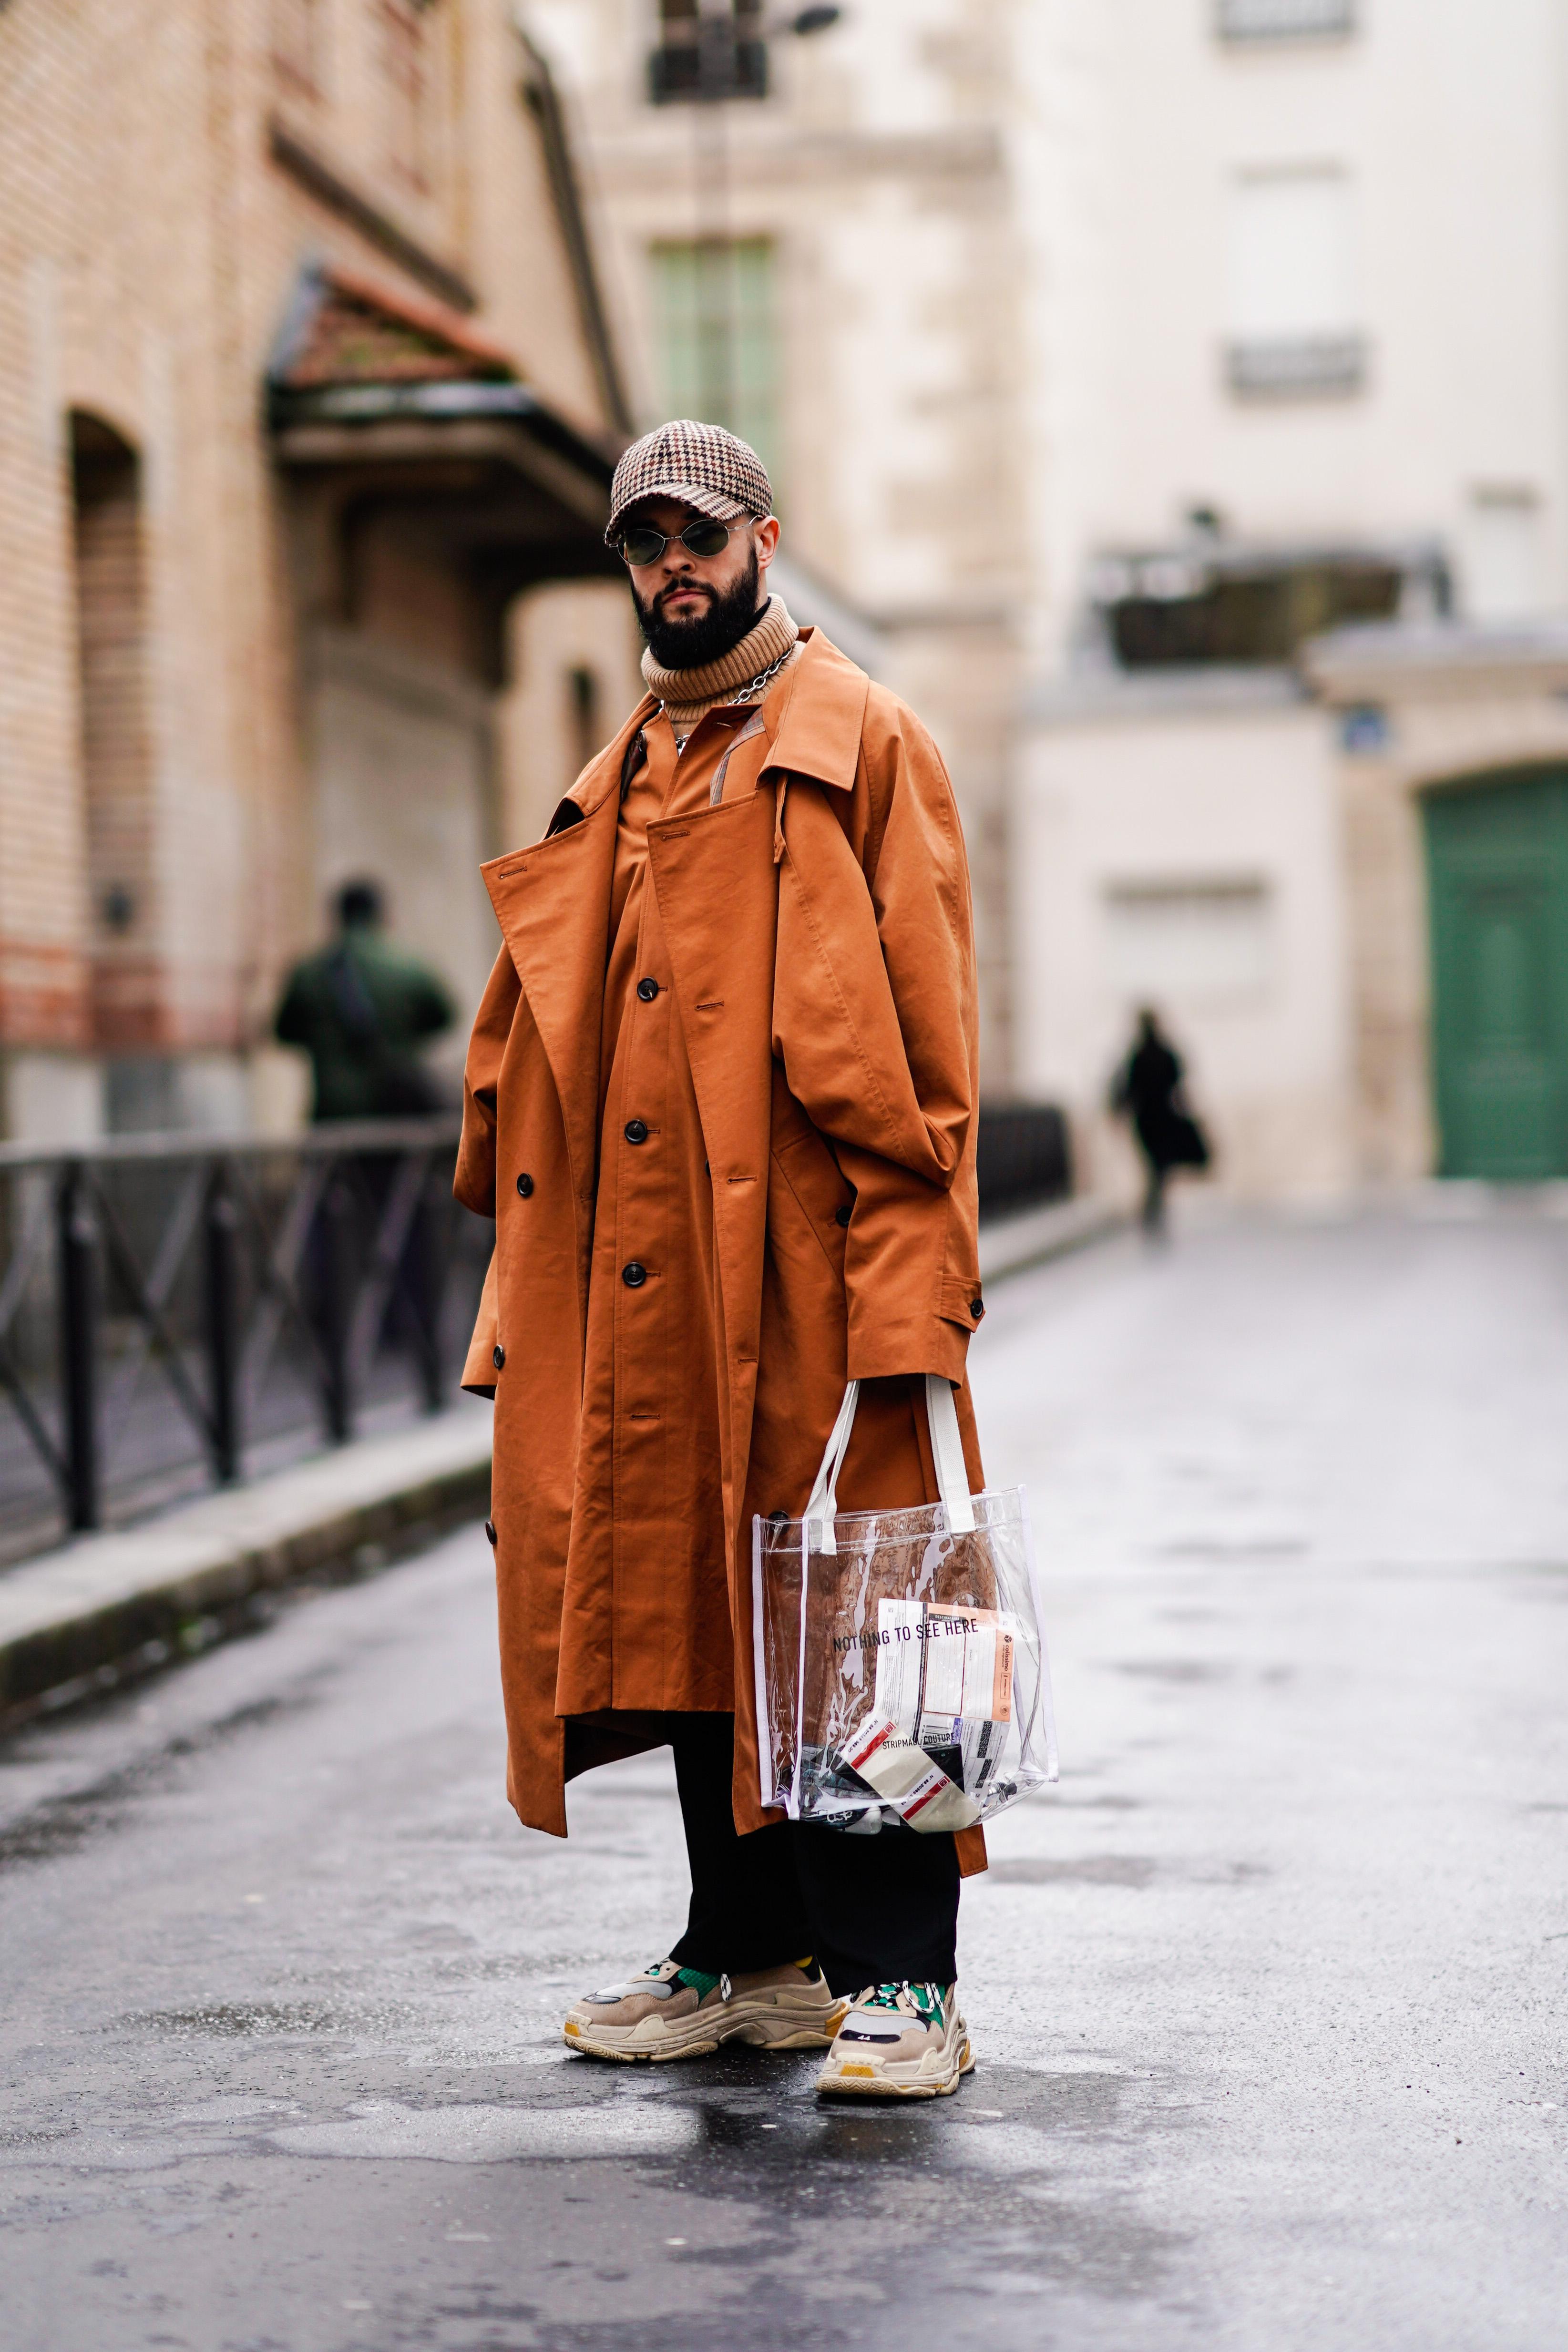 あらかじめくっついているようなデザイン性あるトレンチコートがとてもユニーク。ブラウンオレンジのカラーリングと相まって存在感があるから、PVC素材のバッグで軽やかさを演出して。